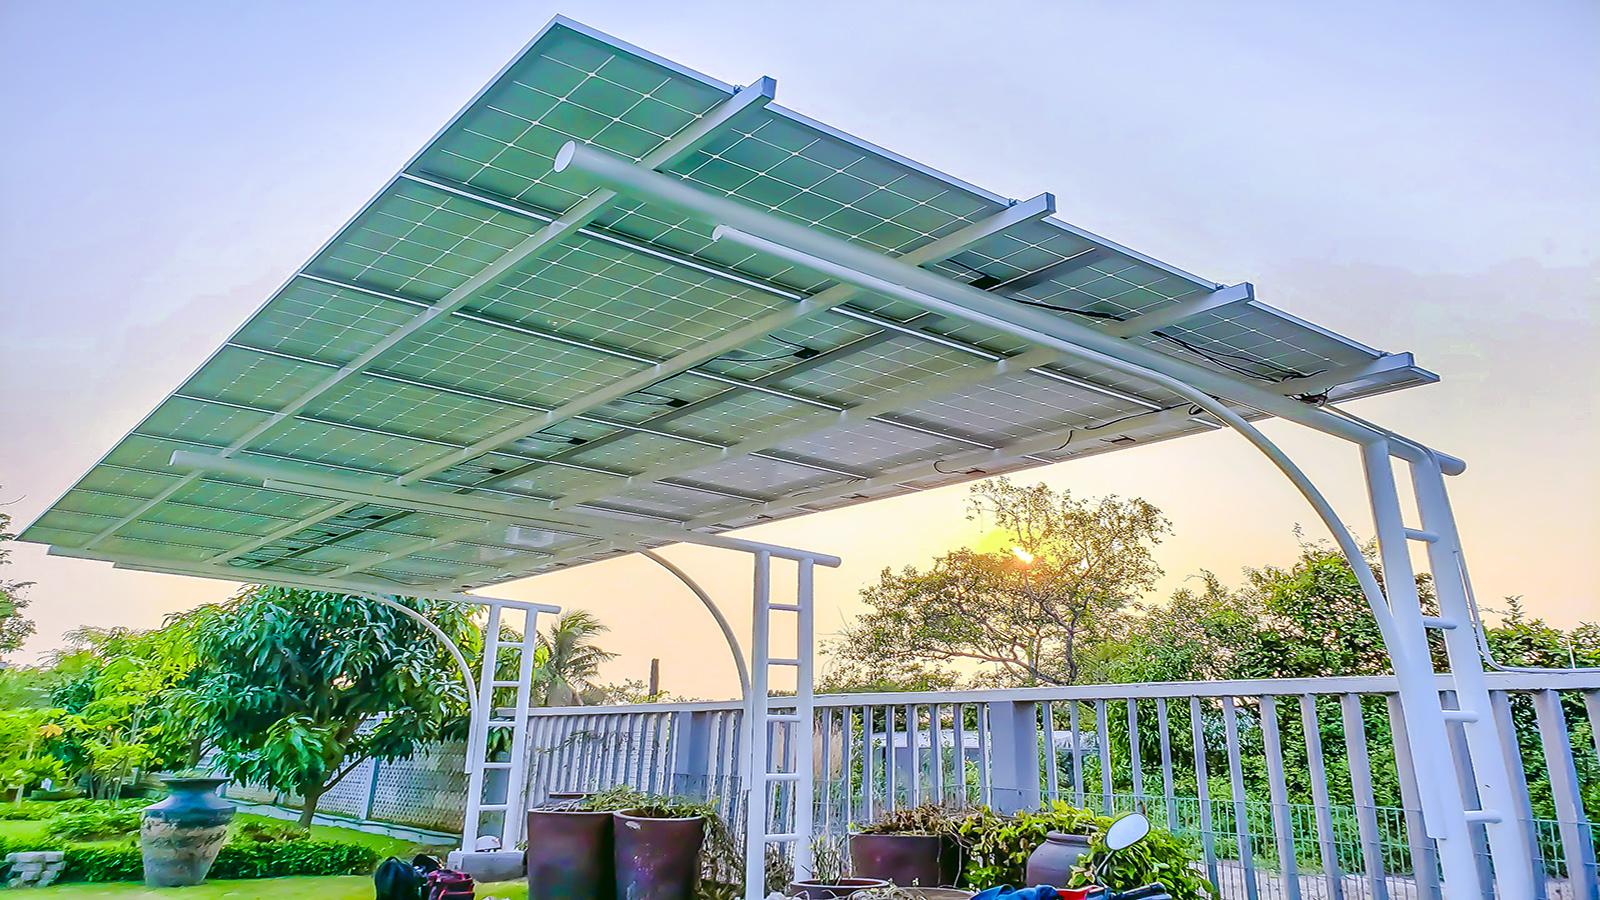 VES lắp đặt điện năng lượng mặt trời cho khách hàng Anh Bình tại Biên Hòa - Đồng Nai